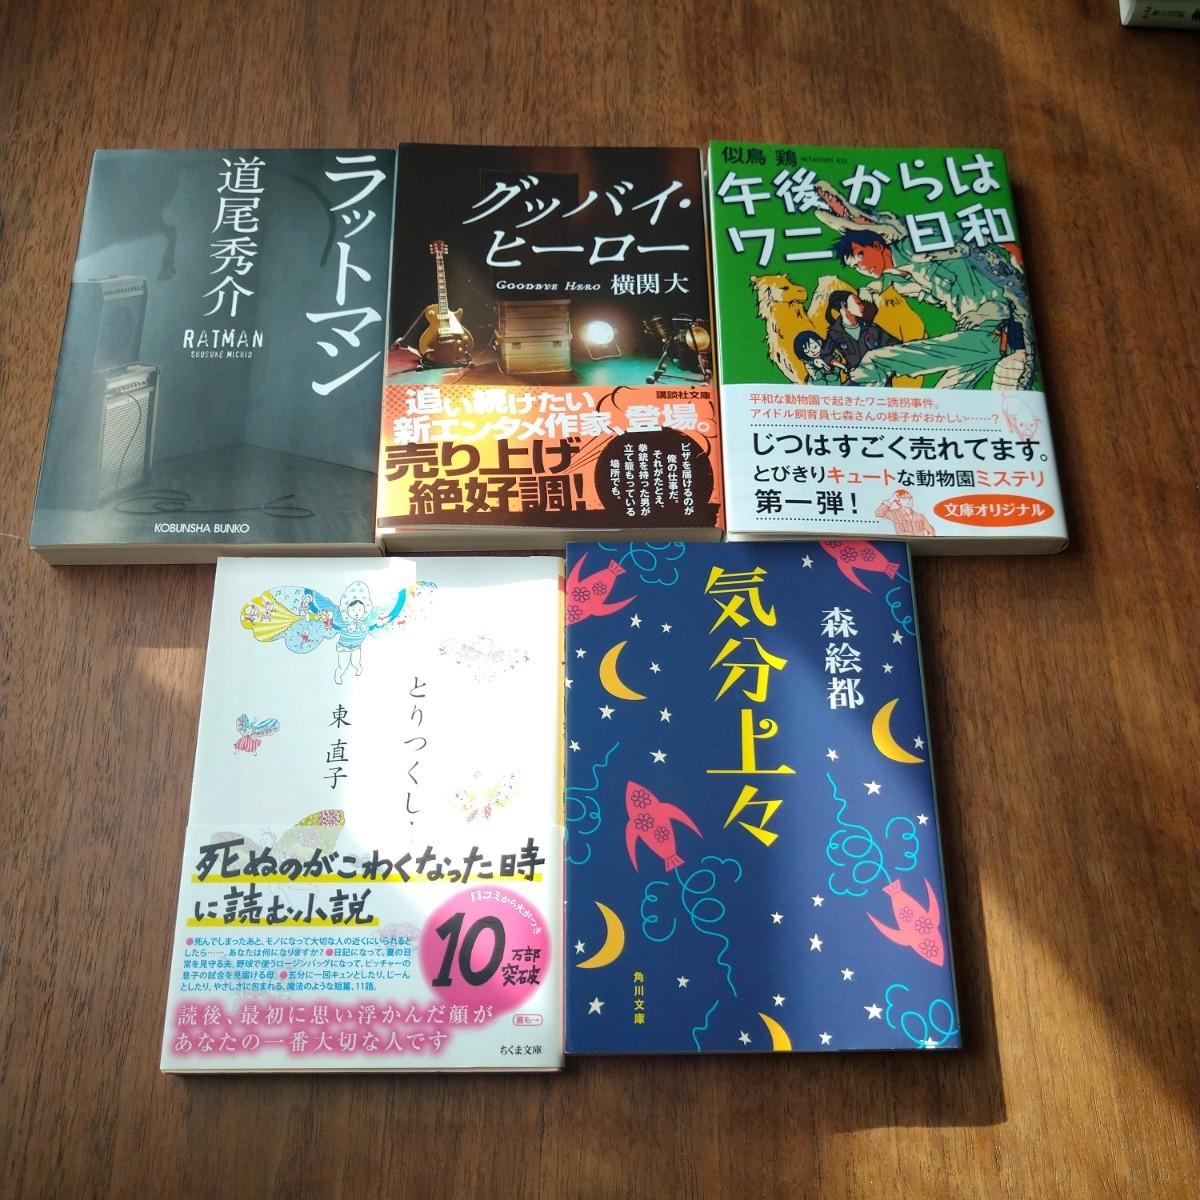 くろねこ様専用『四百三十円の神様』『被害者は誰?』2冊750円